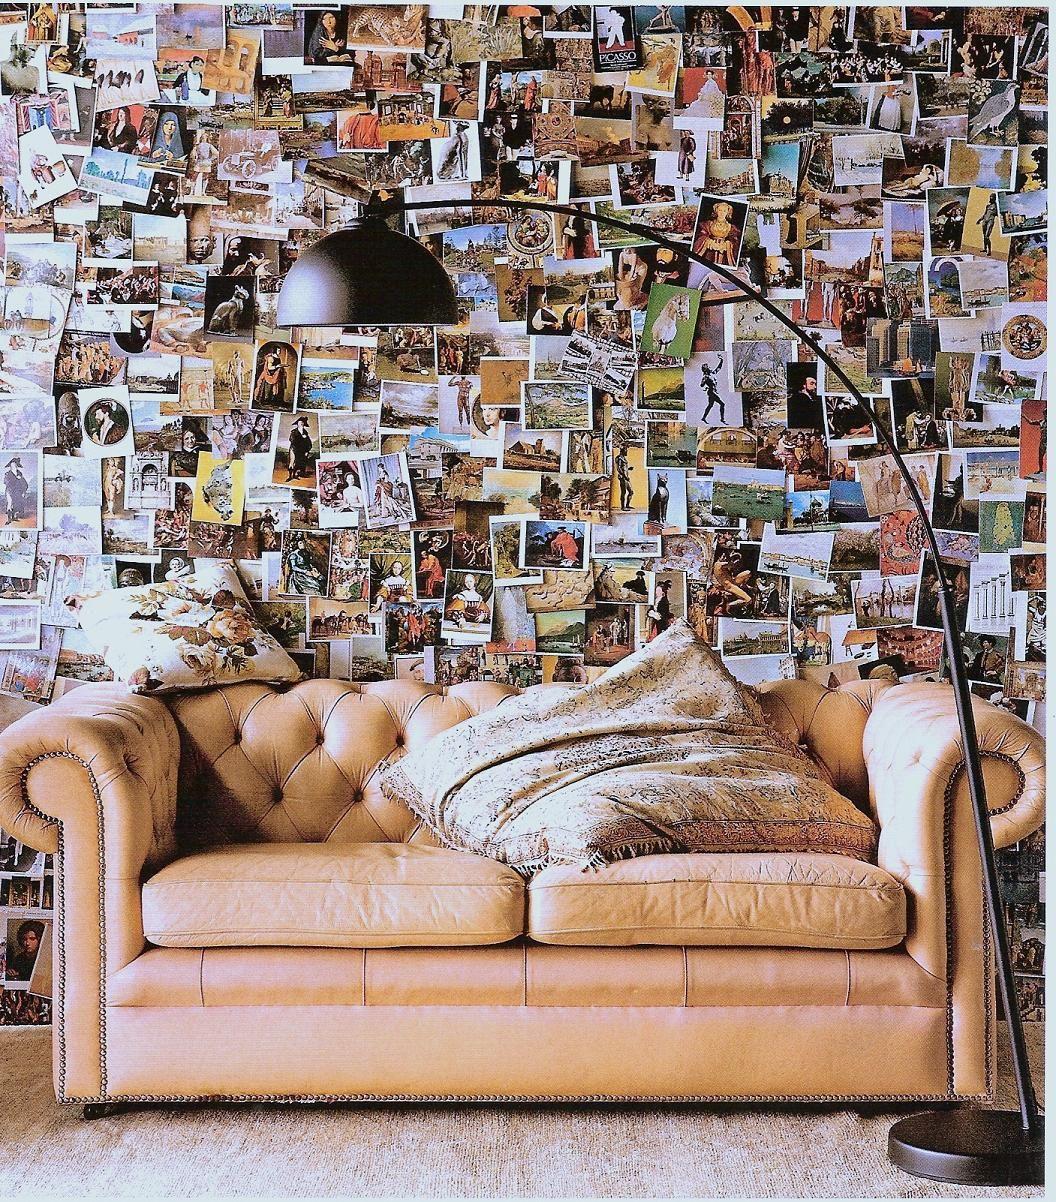 Dekor Pa Veggen Postkort Jpg Jpeg Bilde 1056x1202 Punkter Skalert 52 Postcard Wall Diy Wall Art Picture Wall